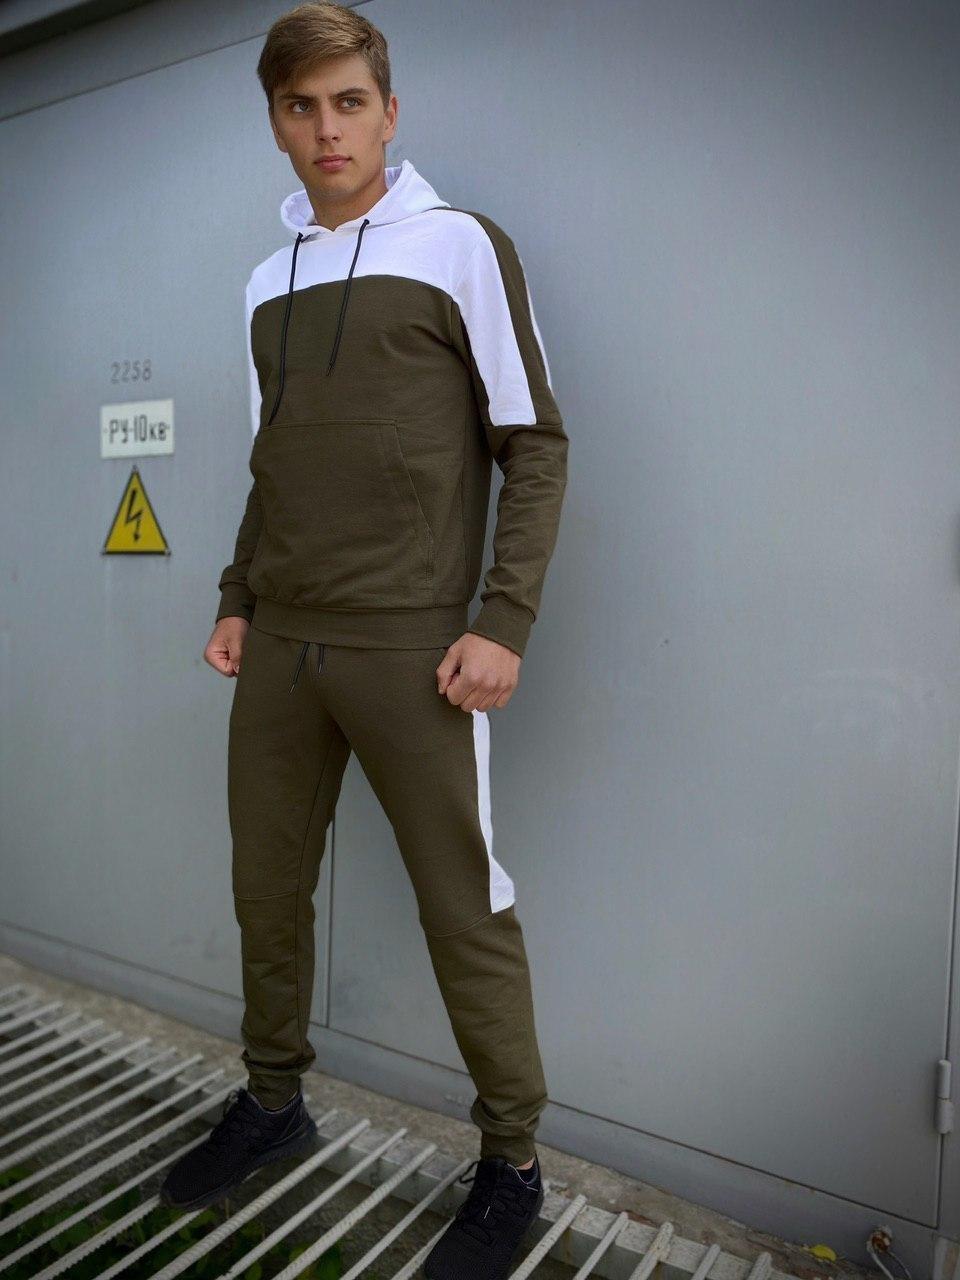 Мужской спортивный костюм хаки - белый Spirited Intruder Кофта худи + штаны размер S M L XL XXL